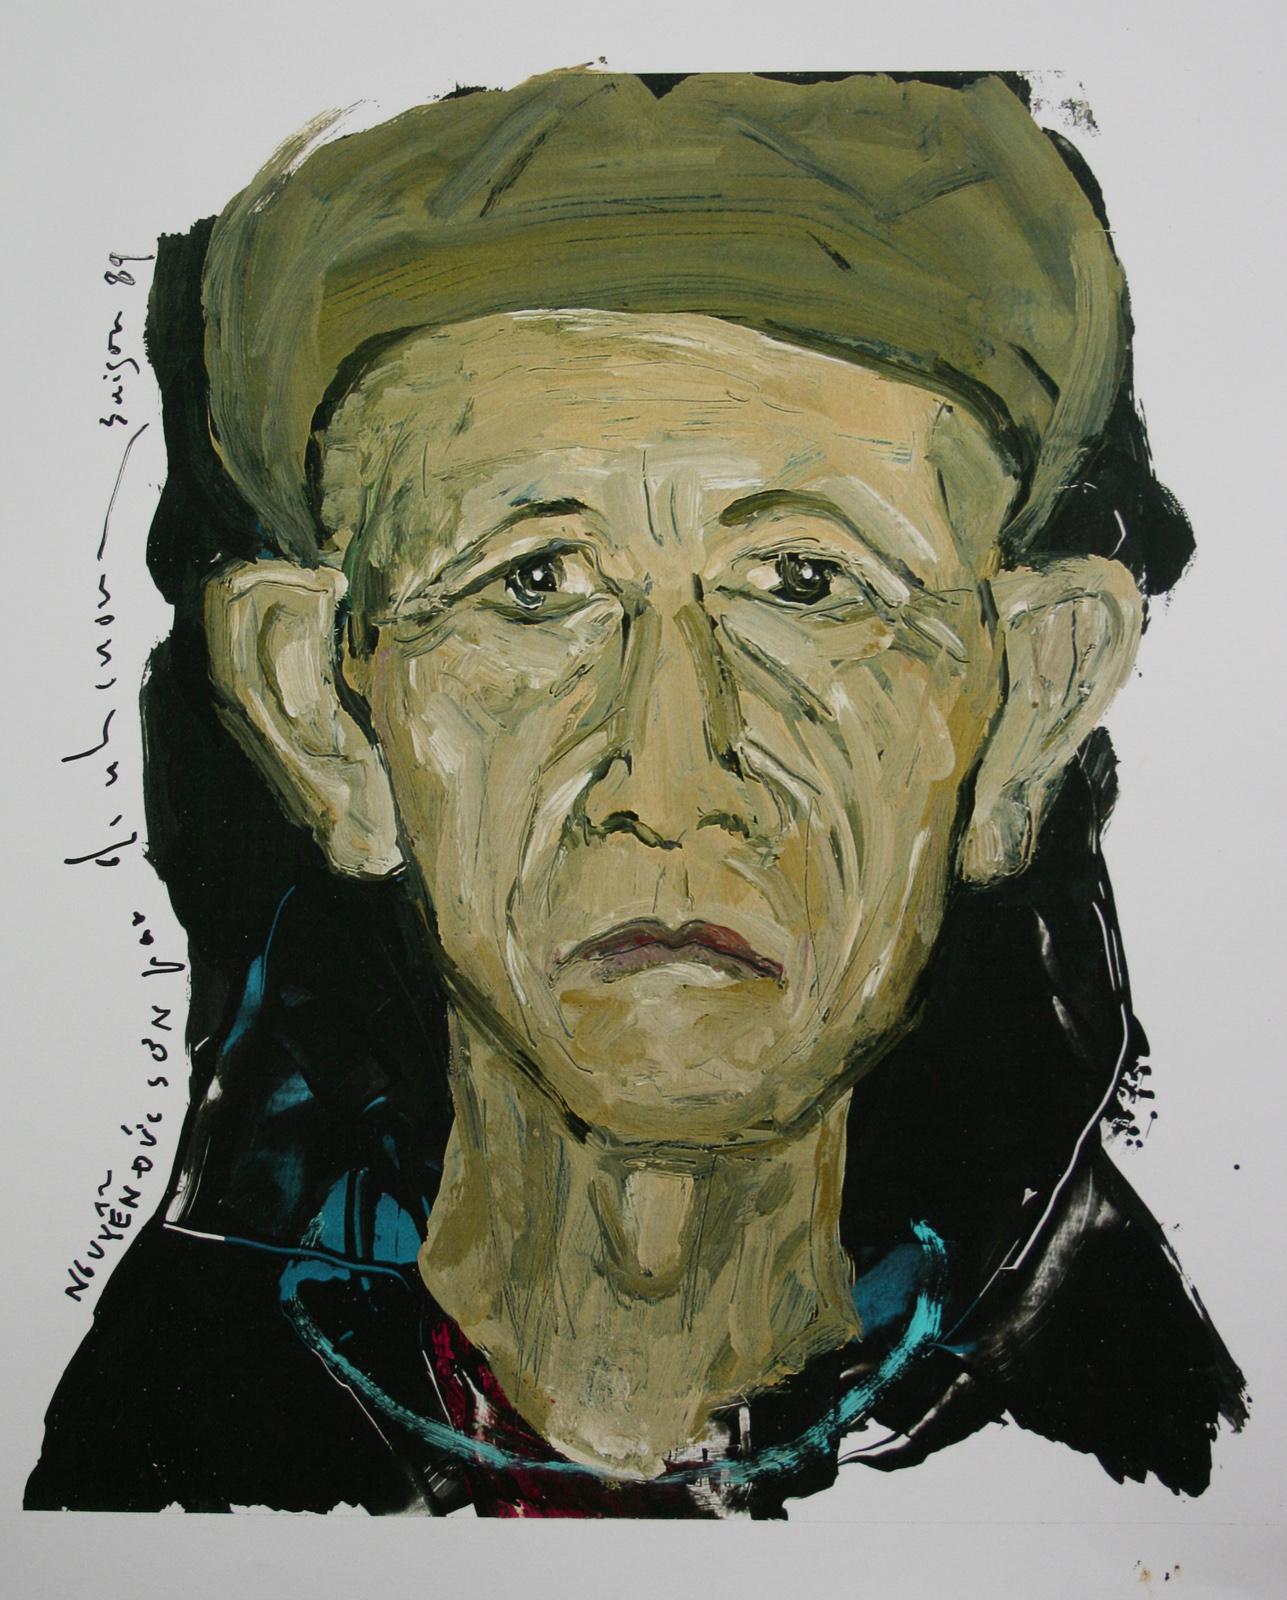 Nguyen Duc Son